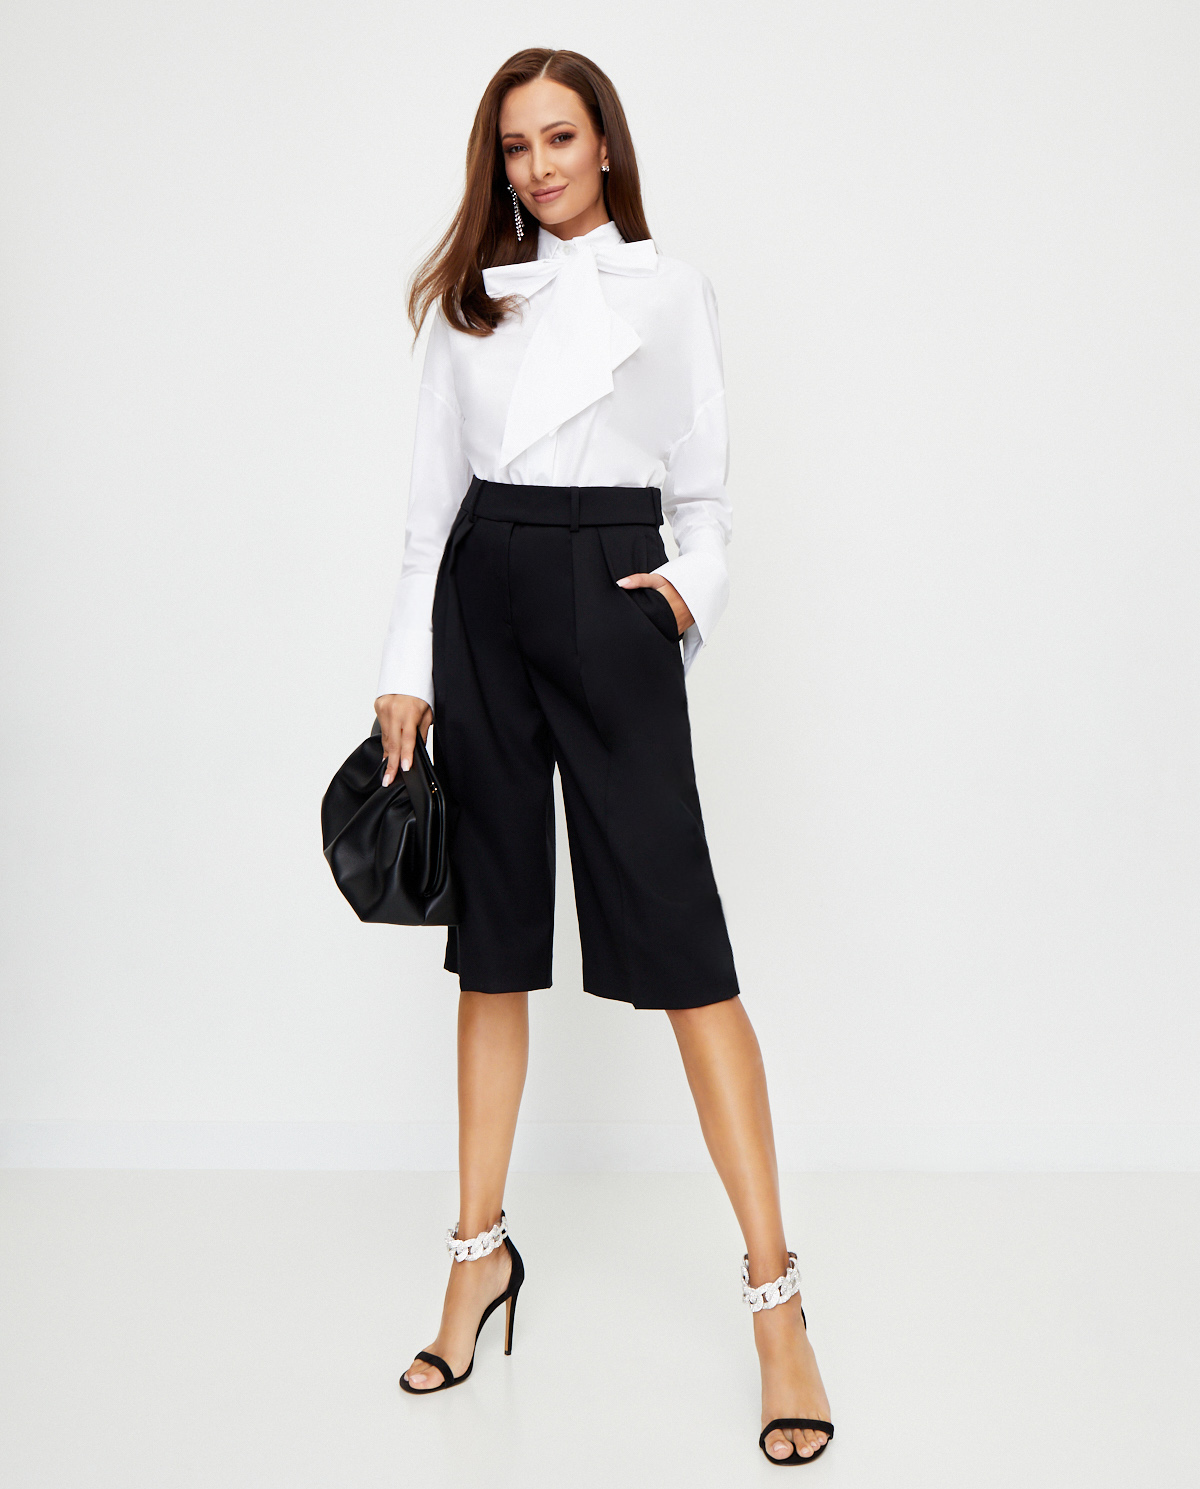 Damskie czarne spodnie z szerokimi nogawkami Alexandre Vauthier 203PA1252 1301-203 BLACK